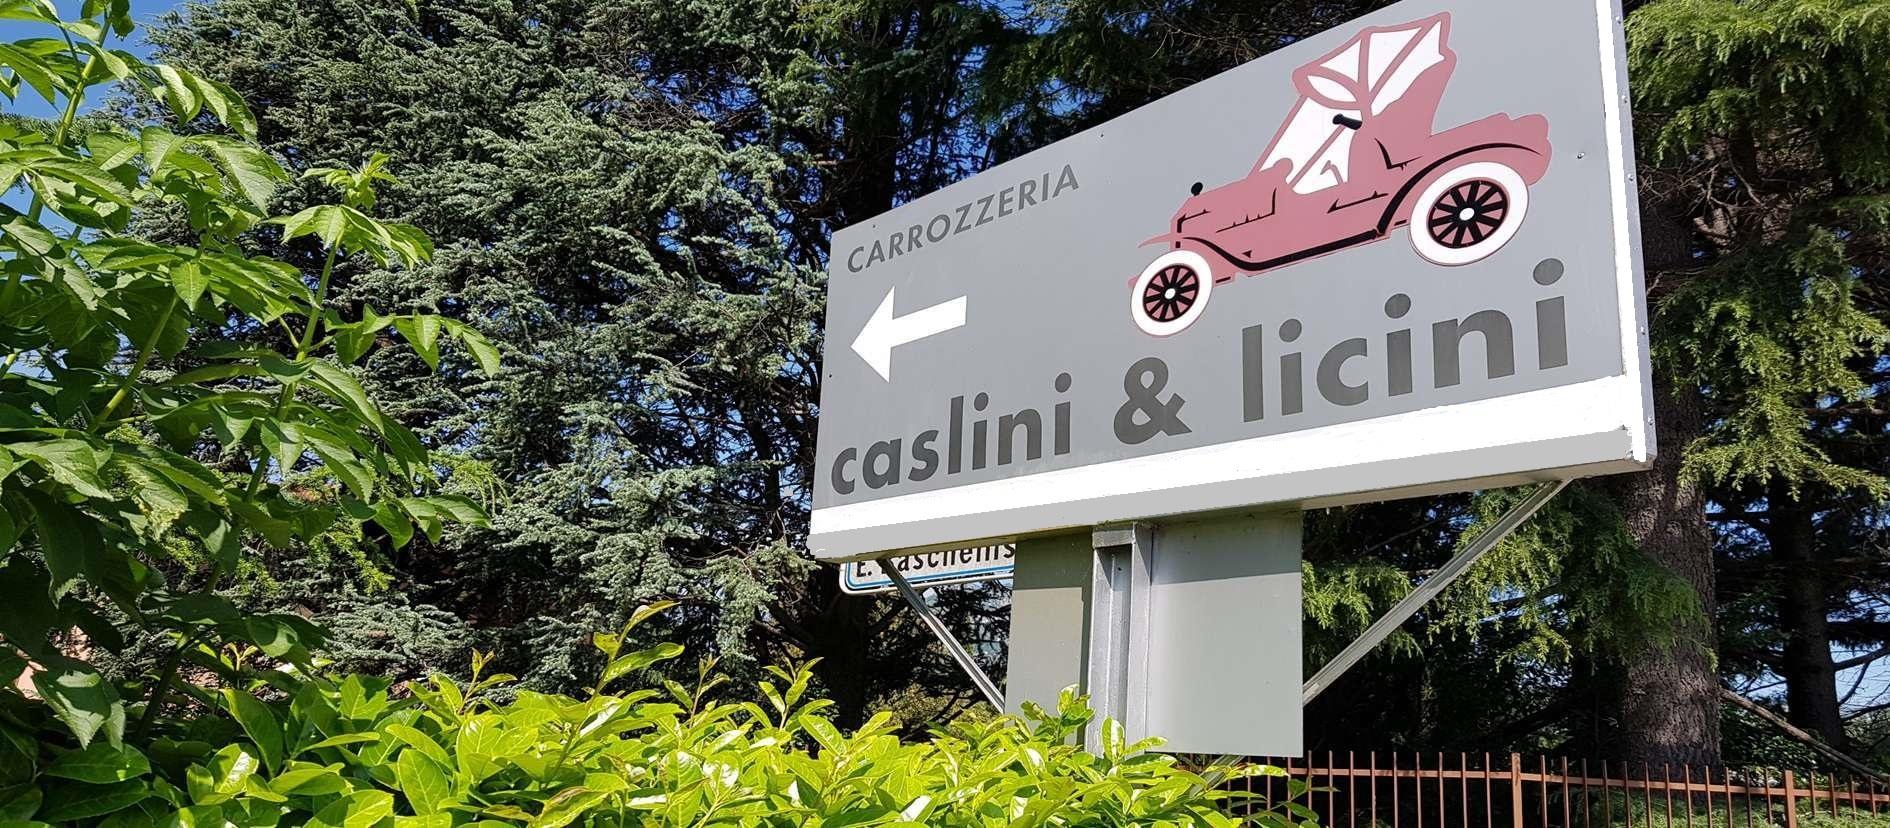 #Carrozzeria Caslini & Licini Snc